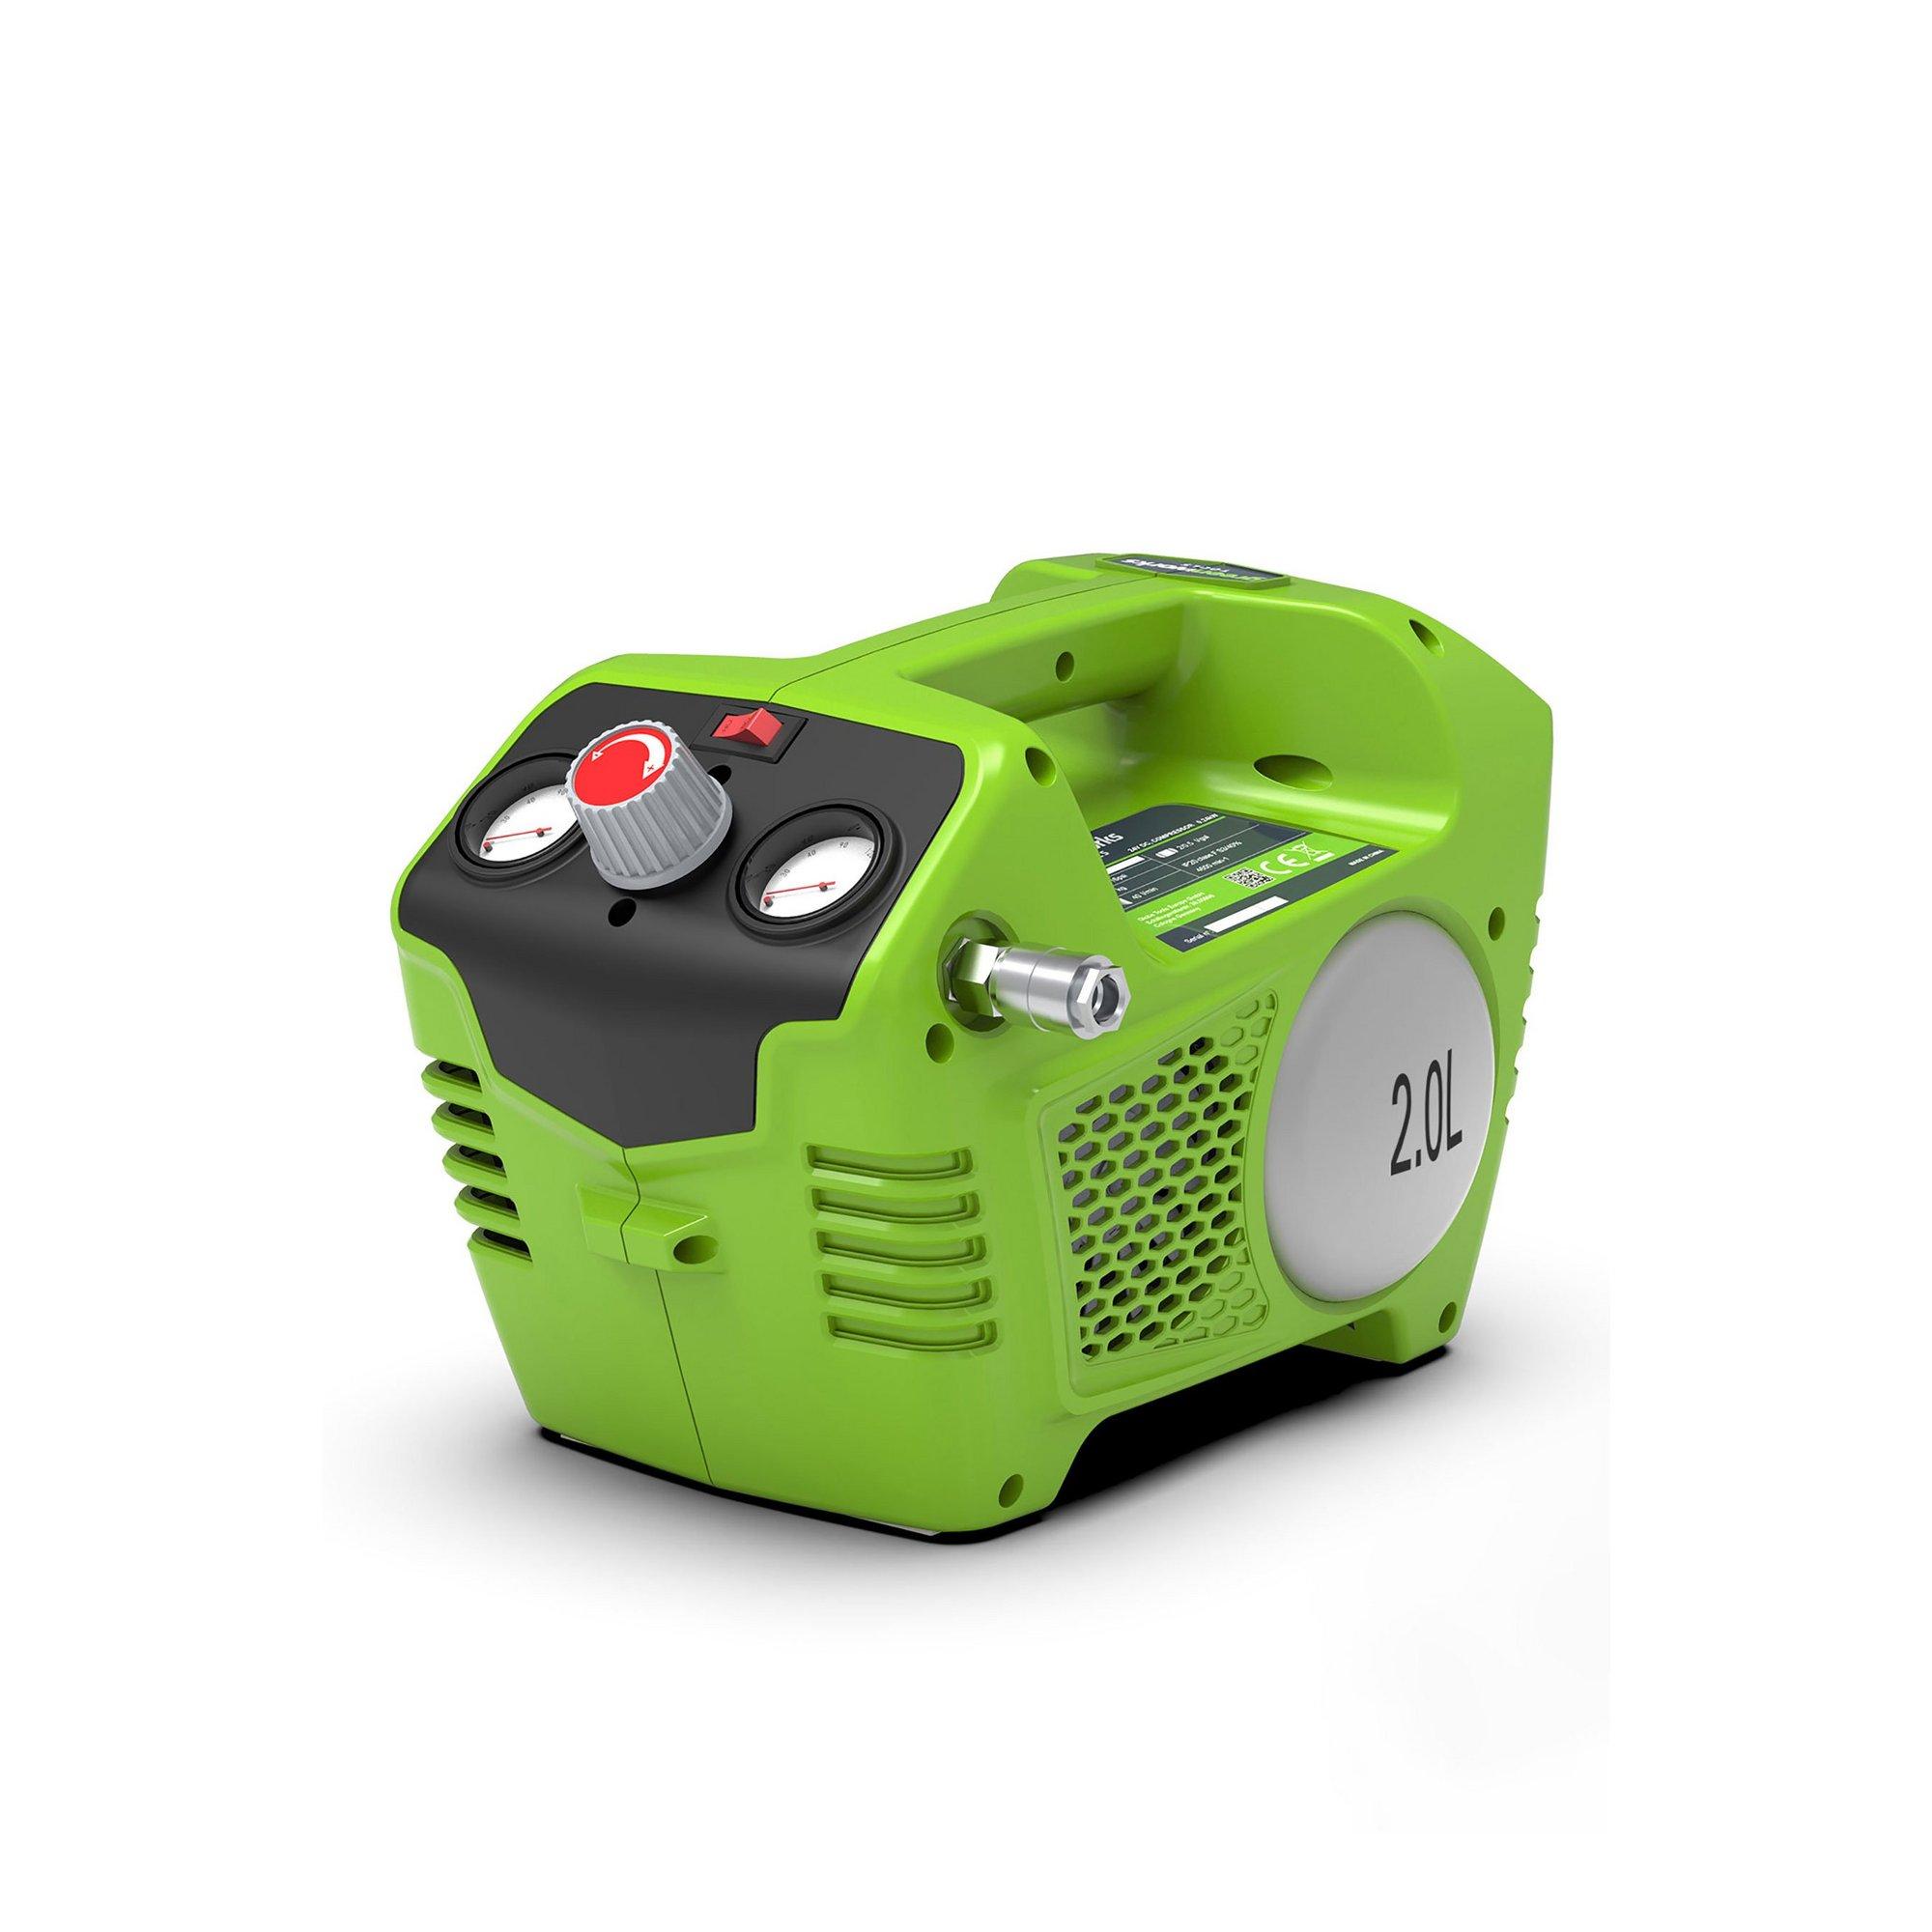 Image of Greenworks 24V Cordless 115psi (8 bar) Compressor (Tool Only)